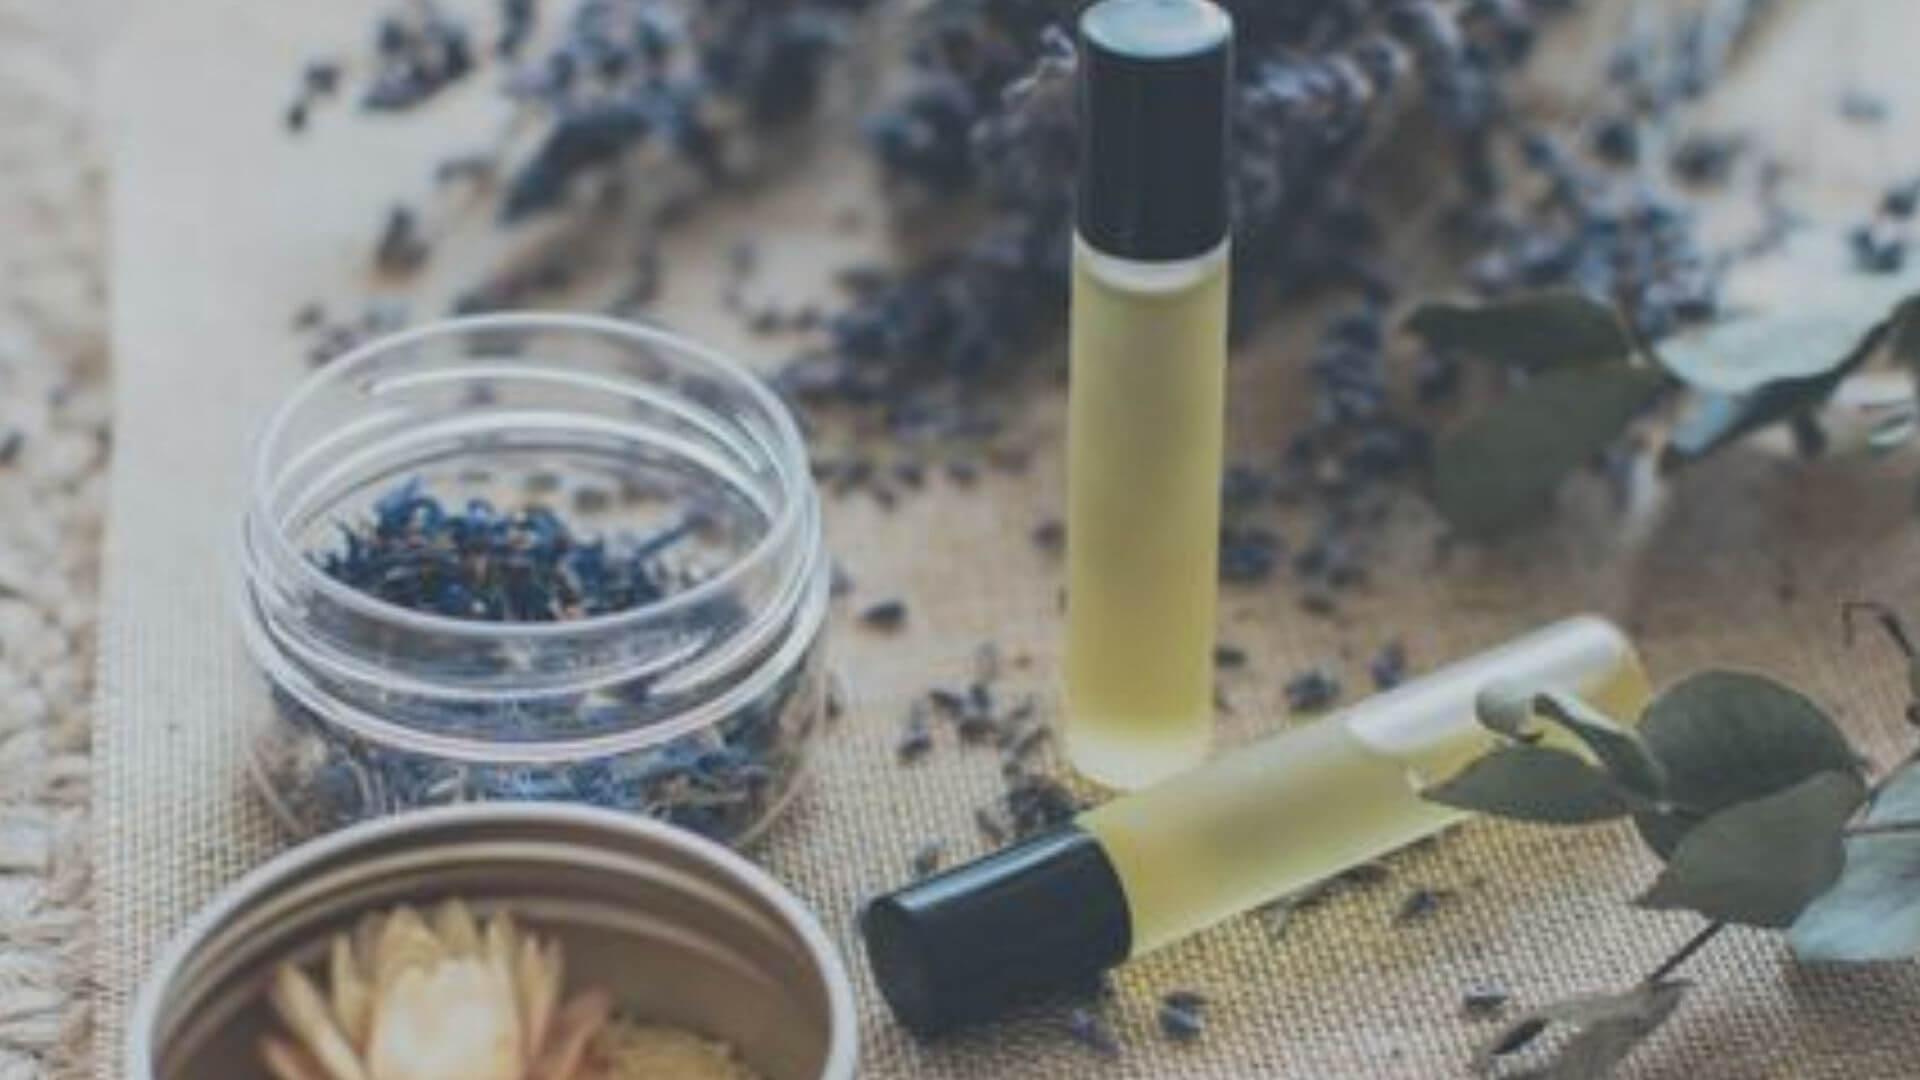 meilleure huile essentielle d'eucalyptus